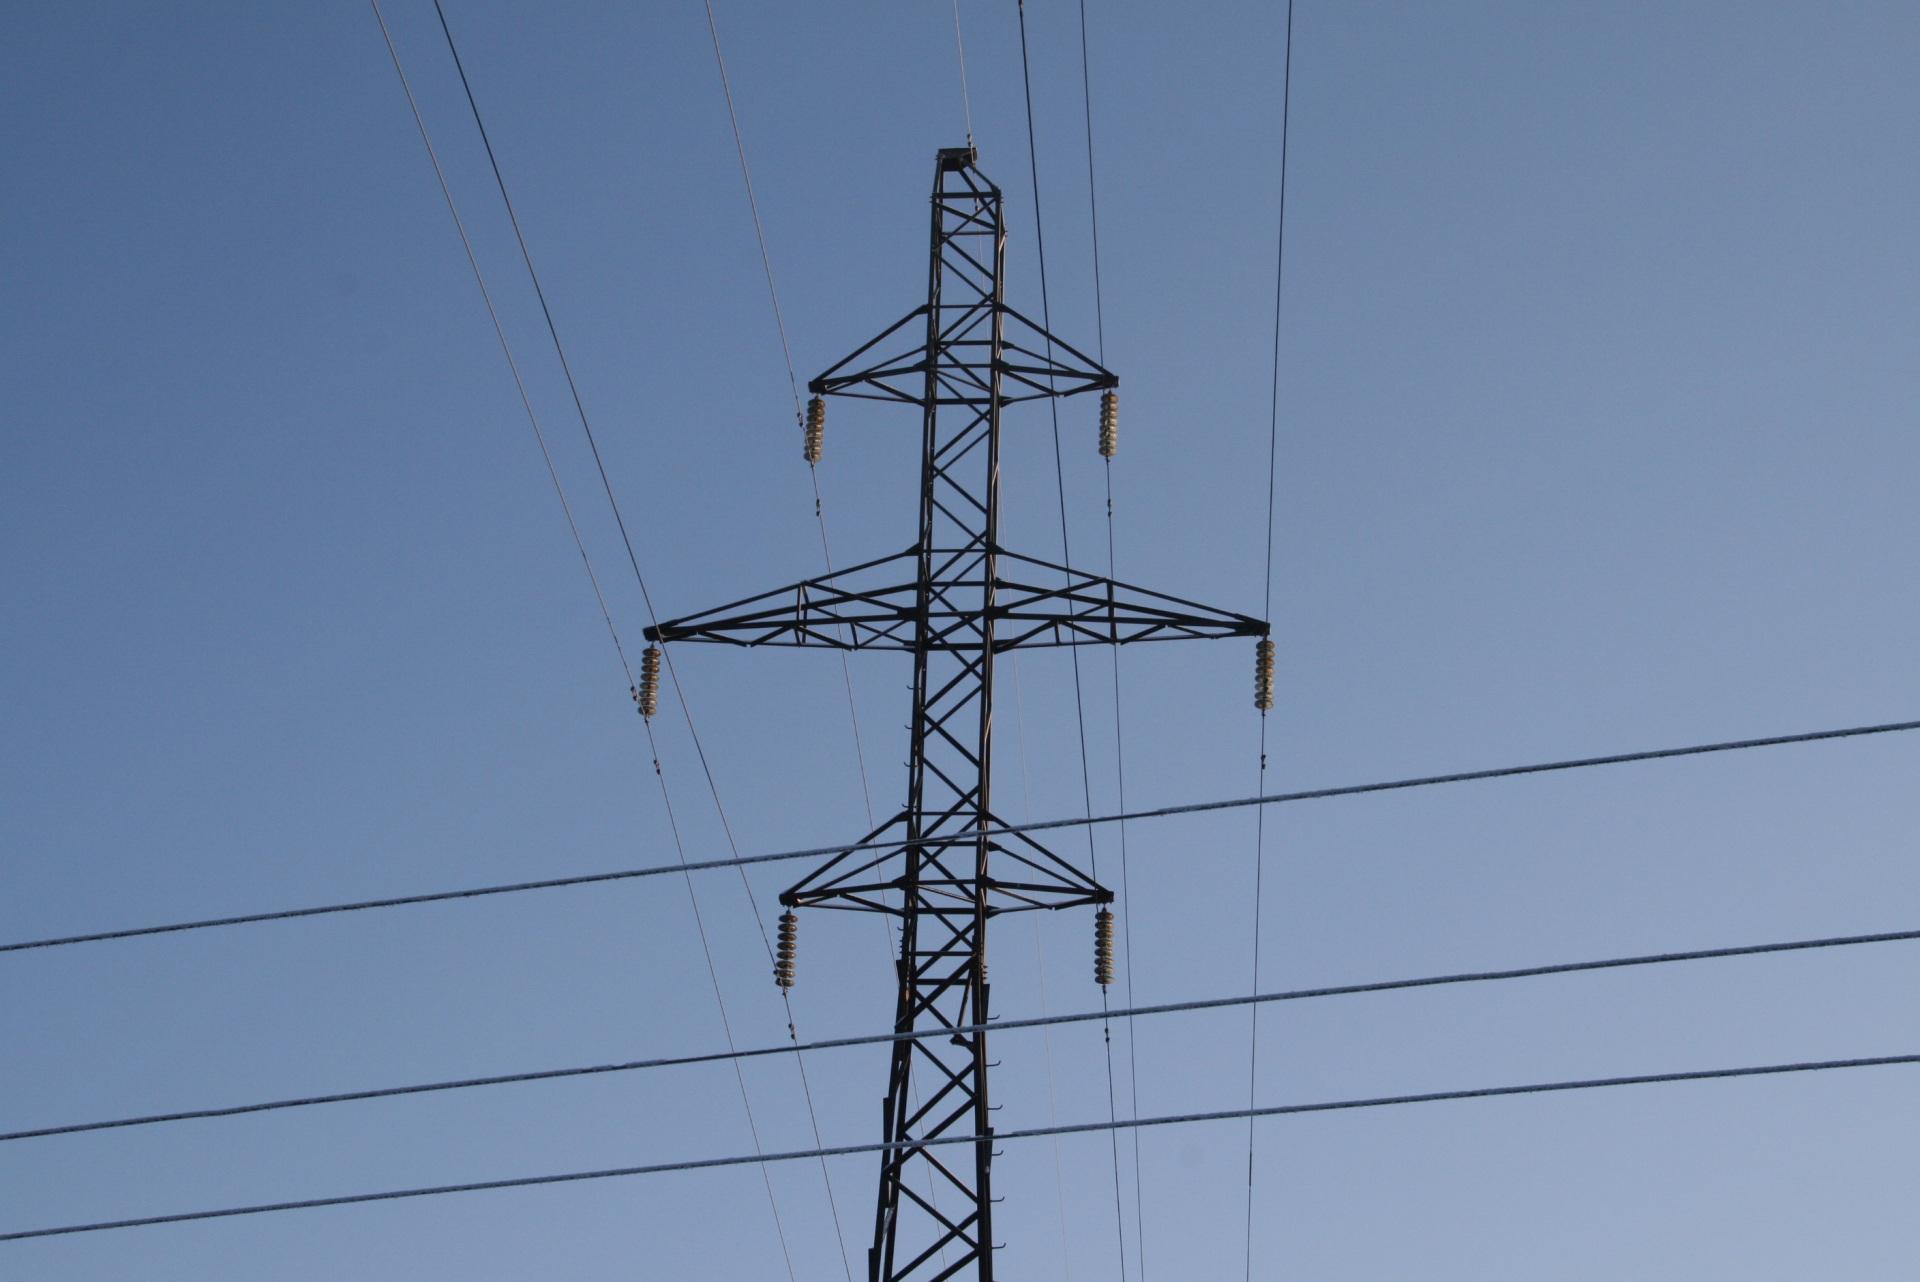 Комиэнерго сократило потери в сетях на 56 млн кВт/ч, что равно потреблению электроэнергии всего Сыктывкара в течение месяца